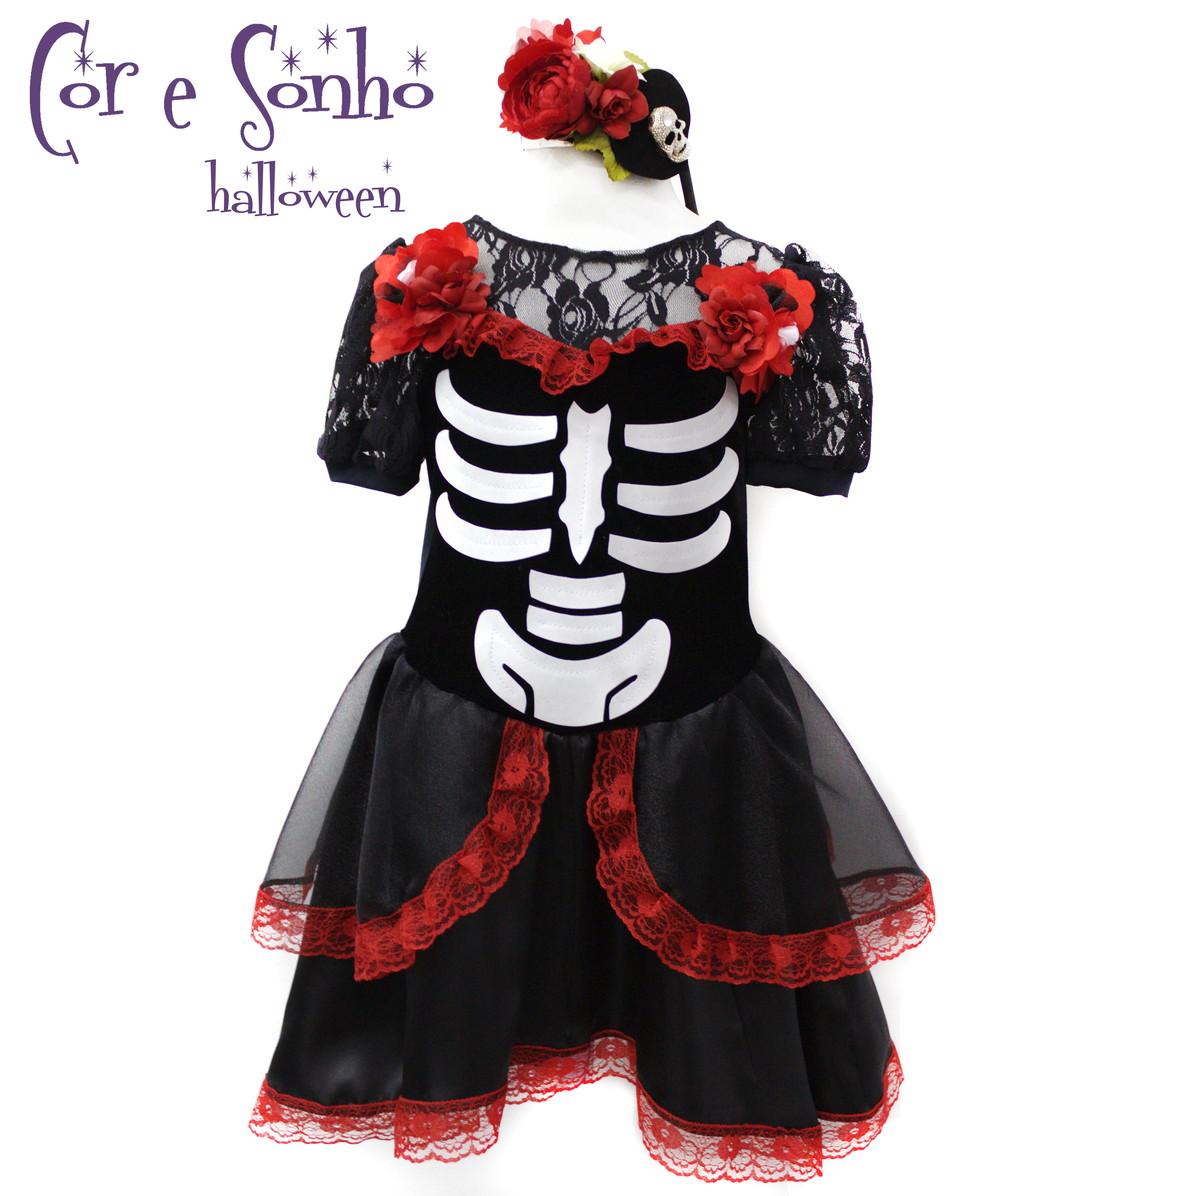 Artesanato Fantasia Halloween ~ Halloween Vestido Caveira Mexicana Luxo Cor& Sonho Elo7